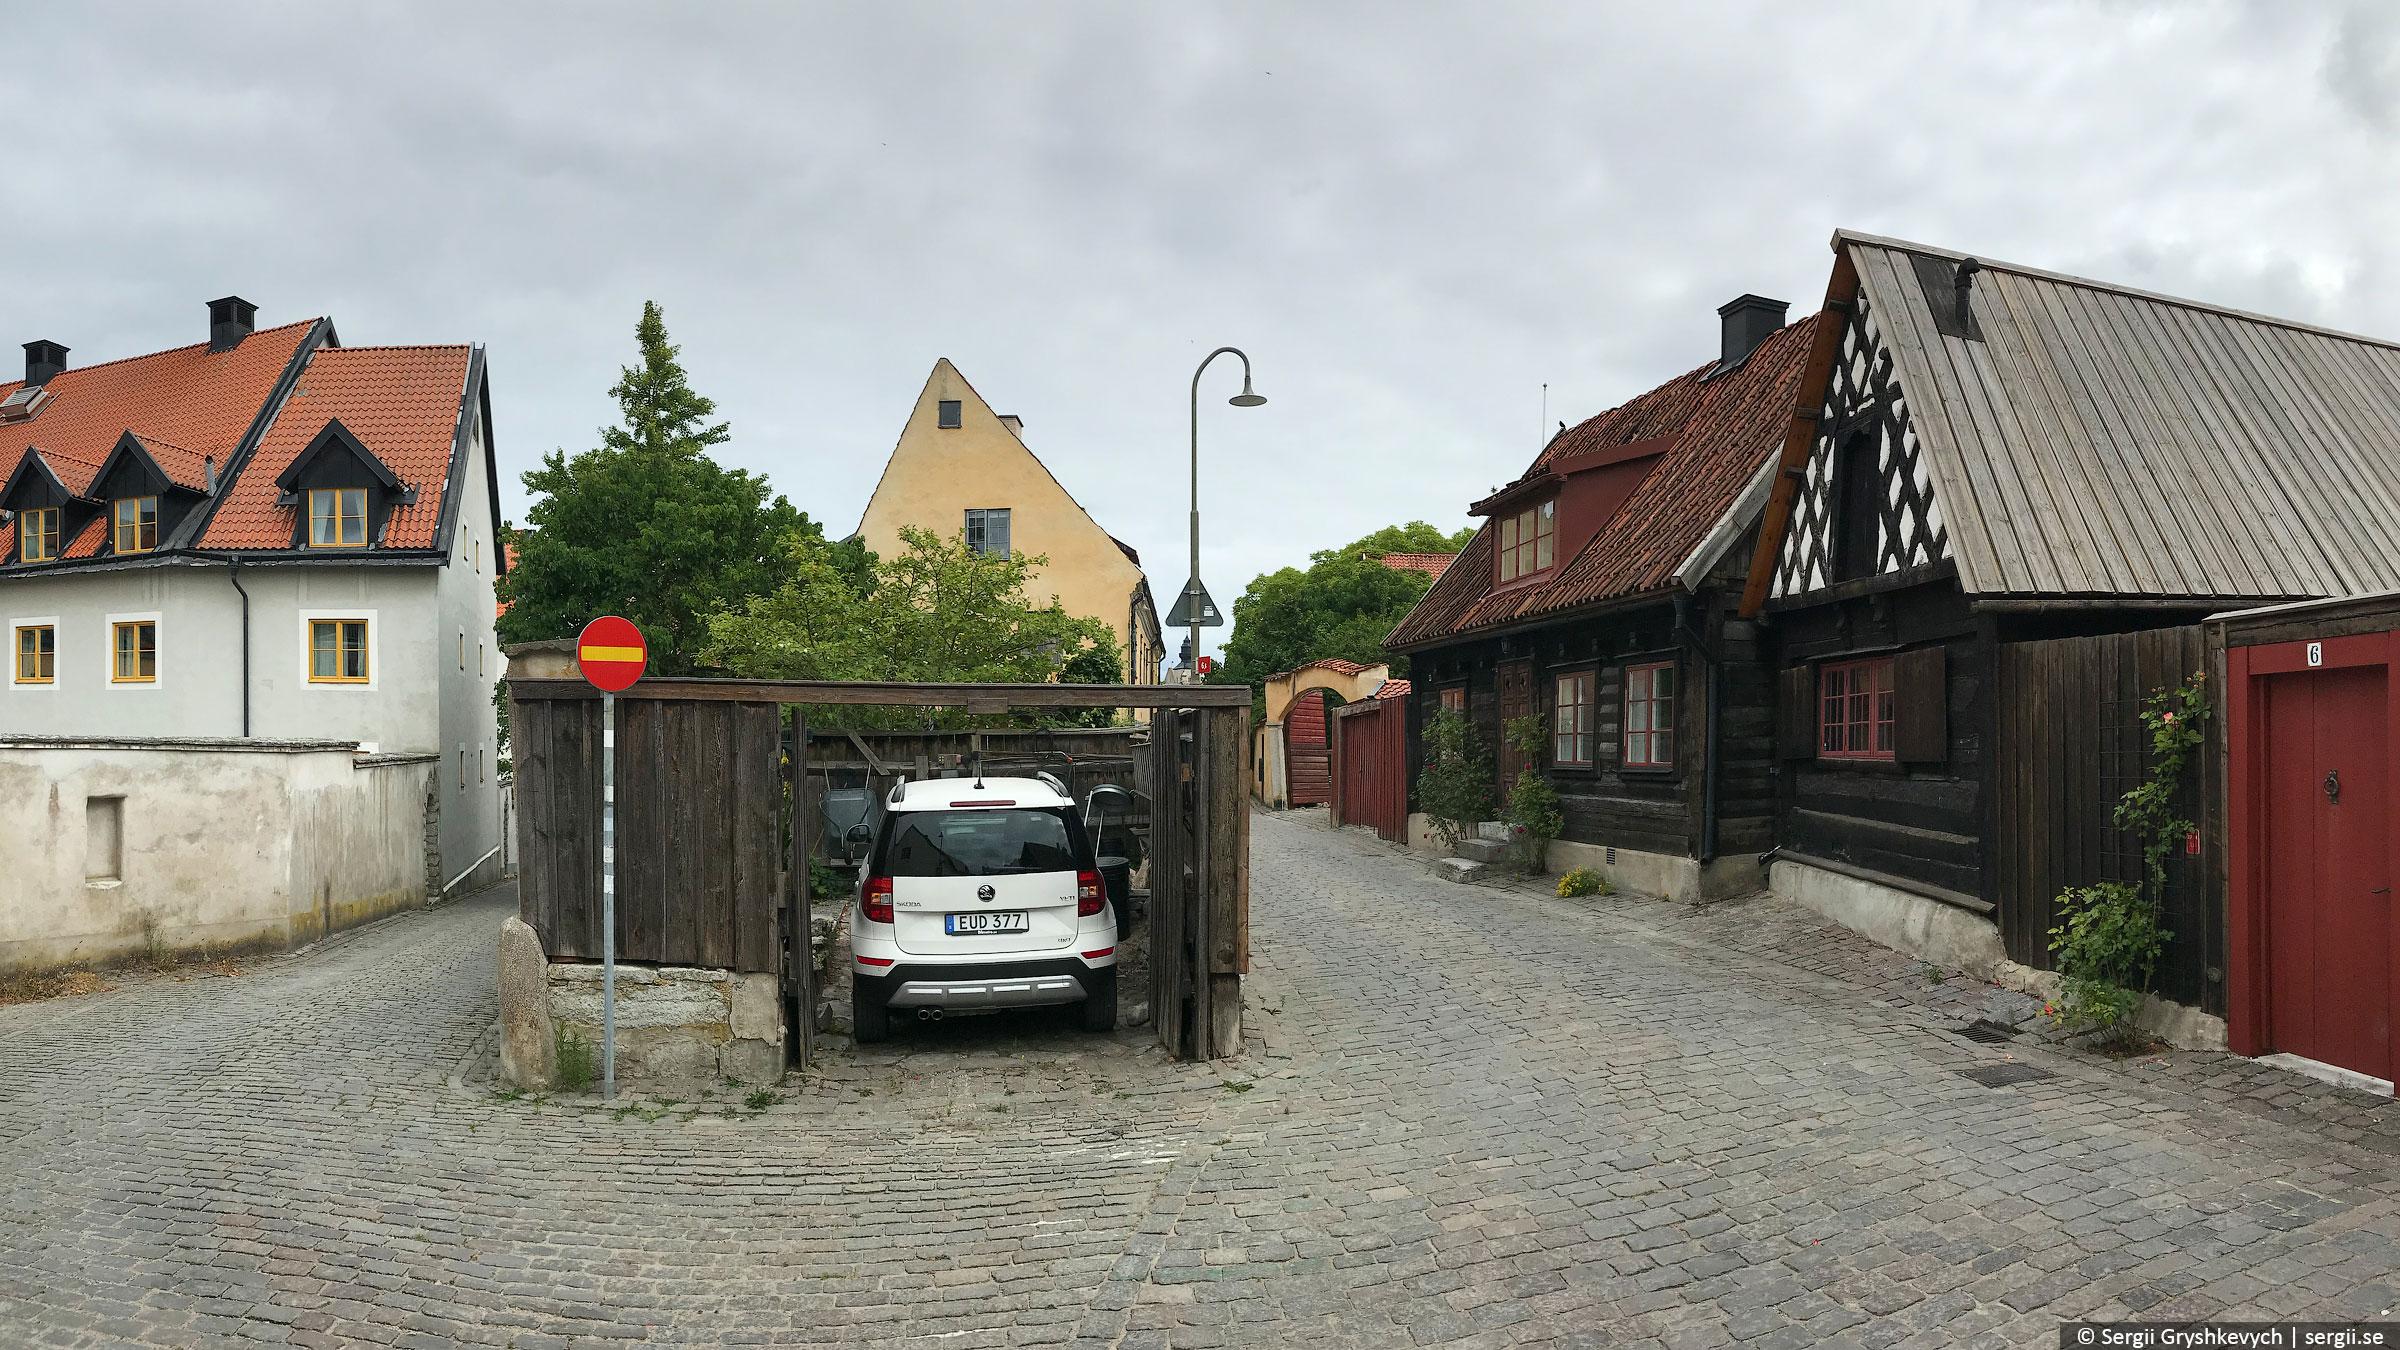 gotland-visby-sweden-2018-26